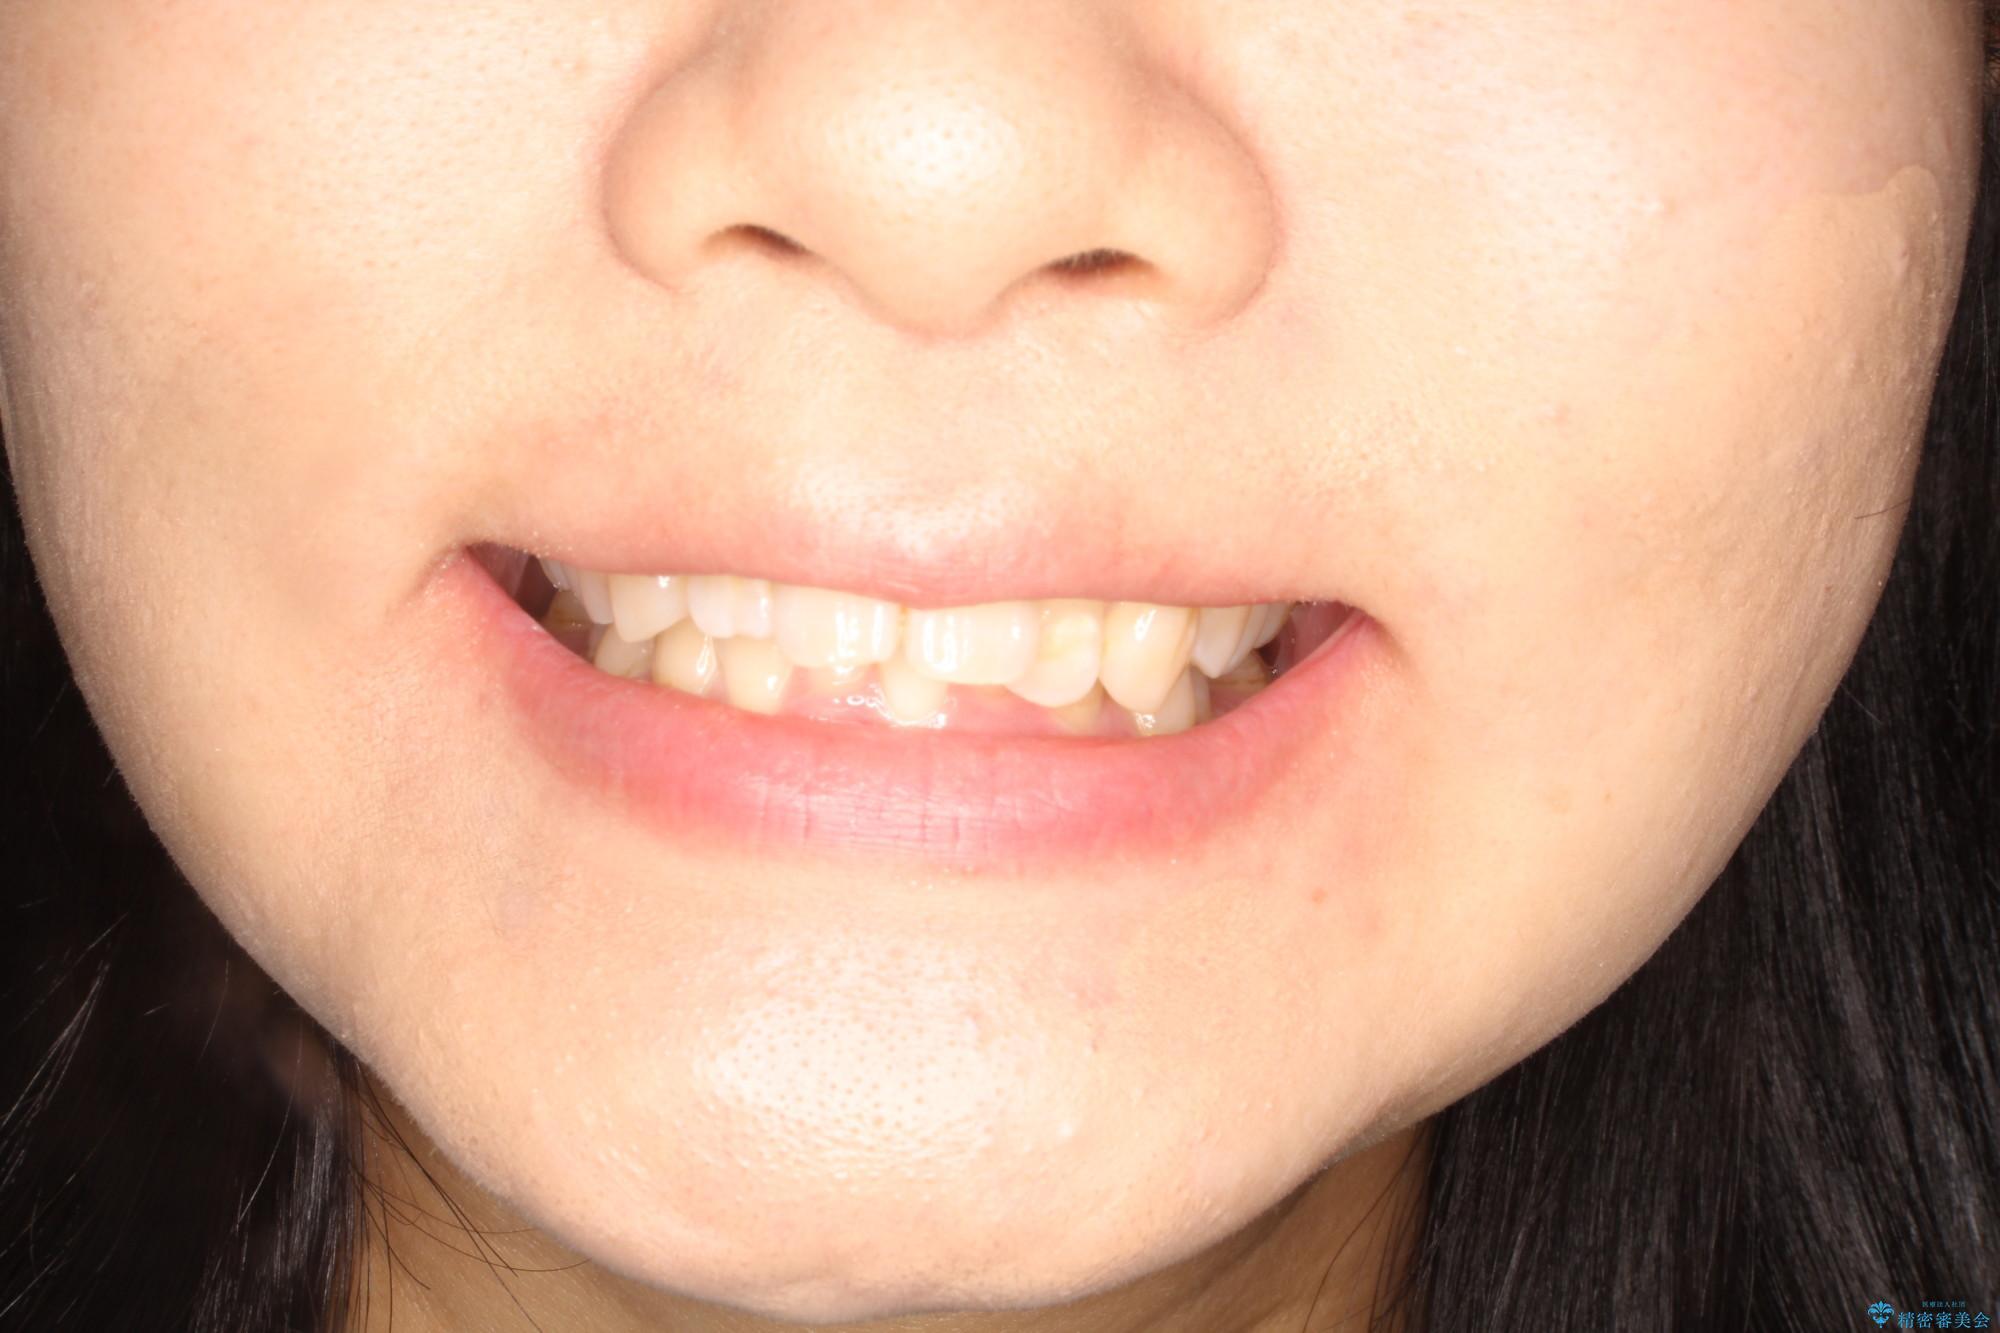 前歯の突出、深い噛み合わせ、ガタつきをマウスピース矯正(インビザライン)で治療した症例の治療前(顔貌)